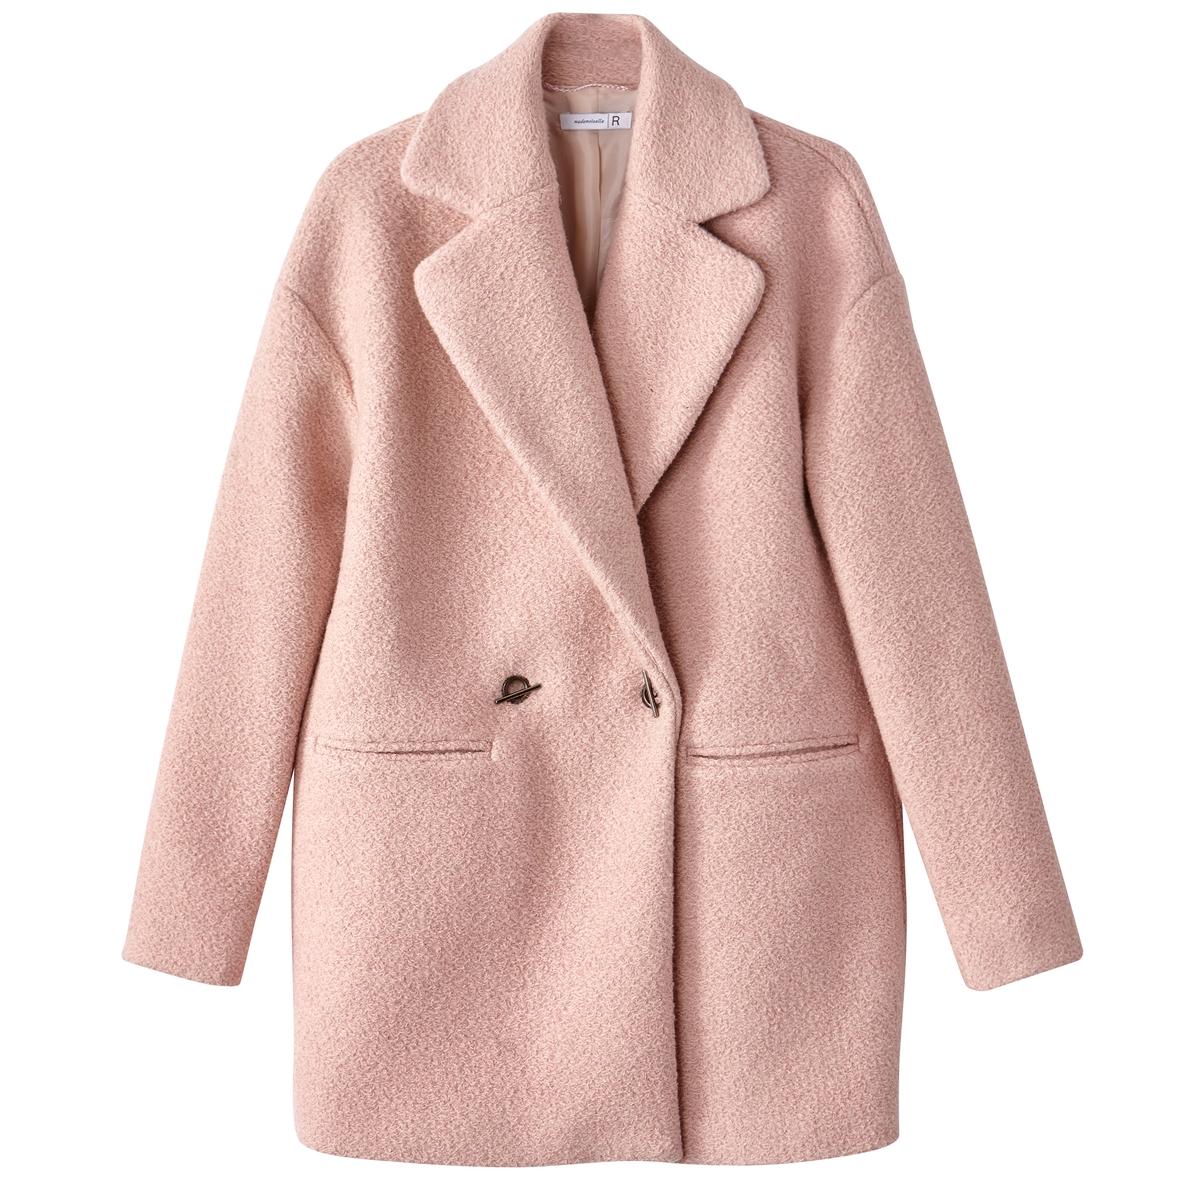 Полупальто 20% шерстиПальто женское из шерсти букле для зимних холодов. Стильное пальто с симпатичным пиджачным воротником и двойной застежкой на крючки. 2 кармана.Детали •  Длина : средняя •  Шалевый воротник • Застежка на пуговицыСостав и уход •  20% шерсти, 10% других волокон, 70% полиэстера •  Подкладка : 100% полиэстер • Не стирать  •  Любые растворители / не отбеливать   •  Не использовать барабанную сушку  •  Не гладить •  Длина : 83 см<br><br>Цвет: бледно-розовый,небесно-голубой<br>Размер: 46 (FR) - 52 (RUS).44 (FR) - 50 (RUS).40 (FR) - 46 (RUS).38 (FR) - 44 (RUS).42 (FR) - 48 (RUS)